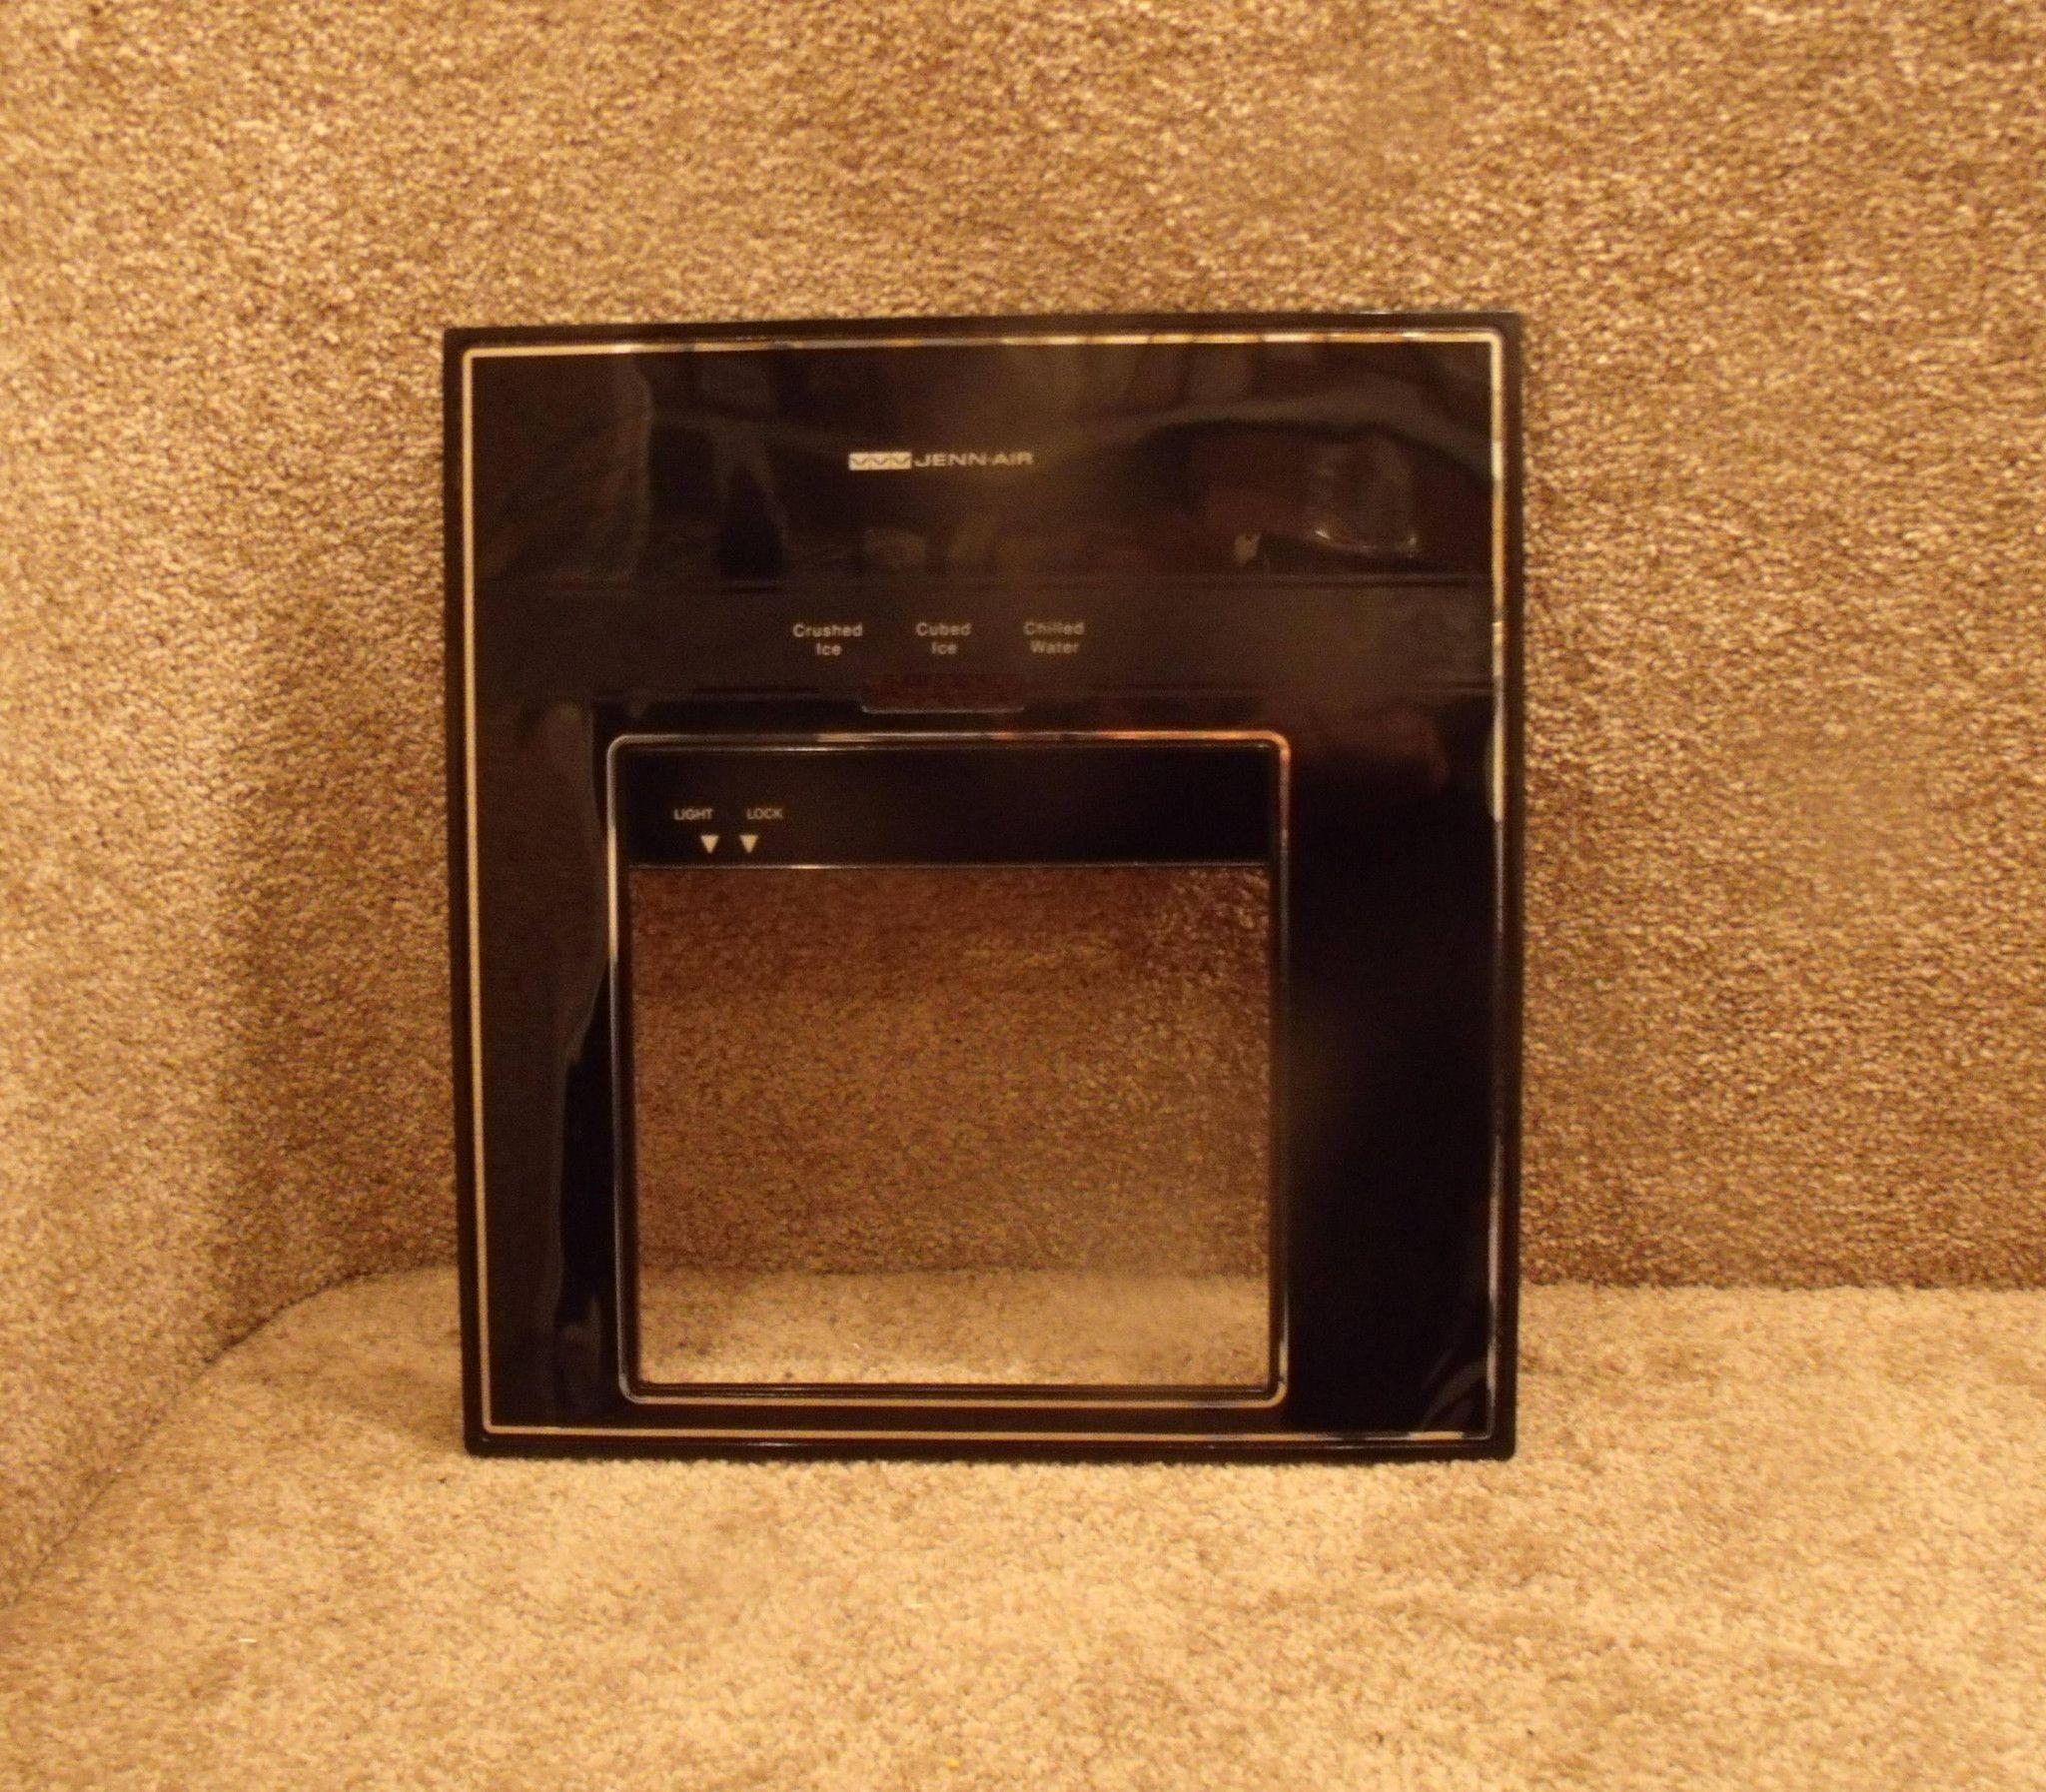 6990725 Jenn Air Refrigerator Black Dispenser Cover